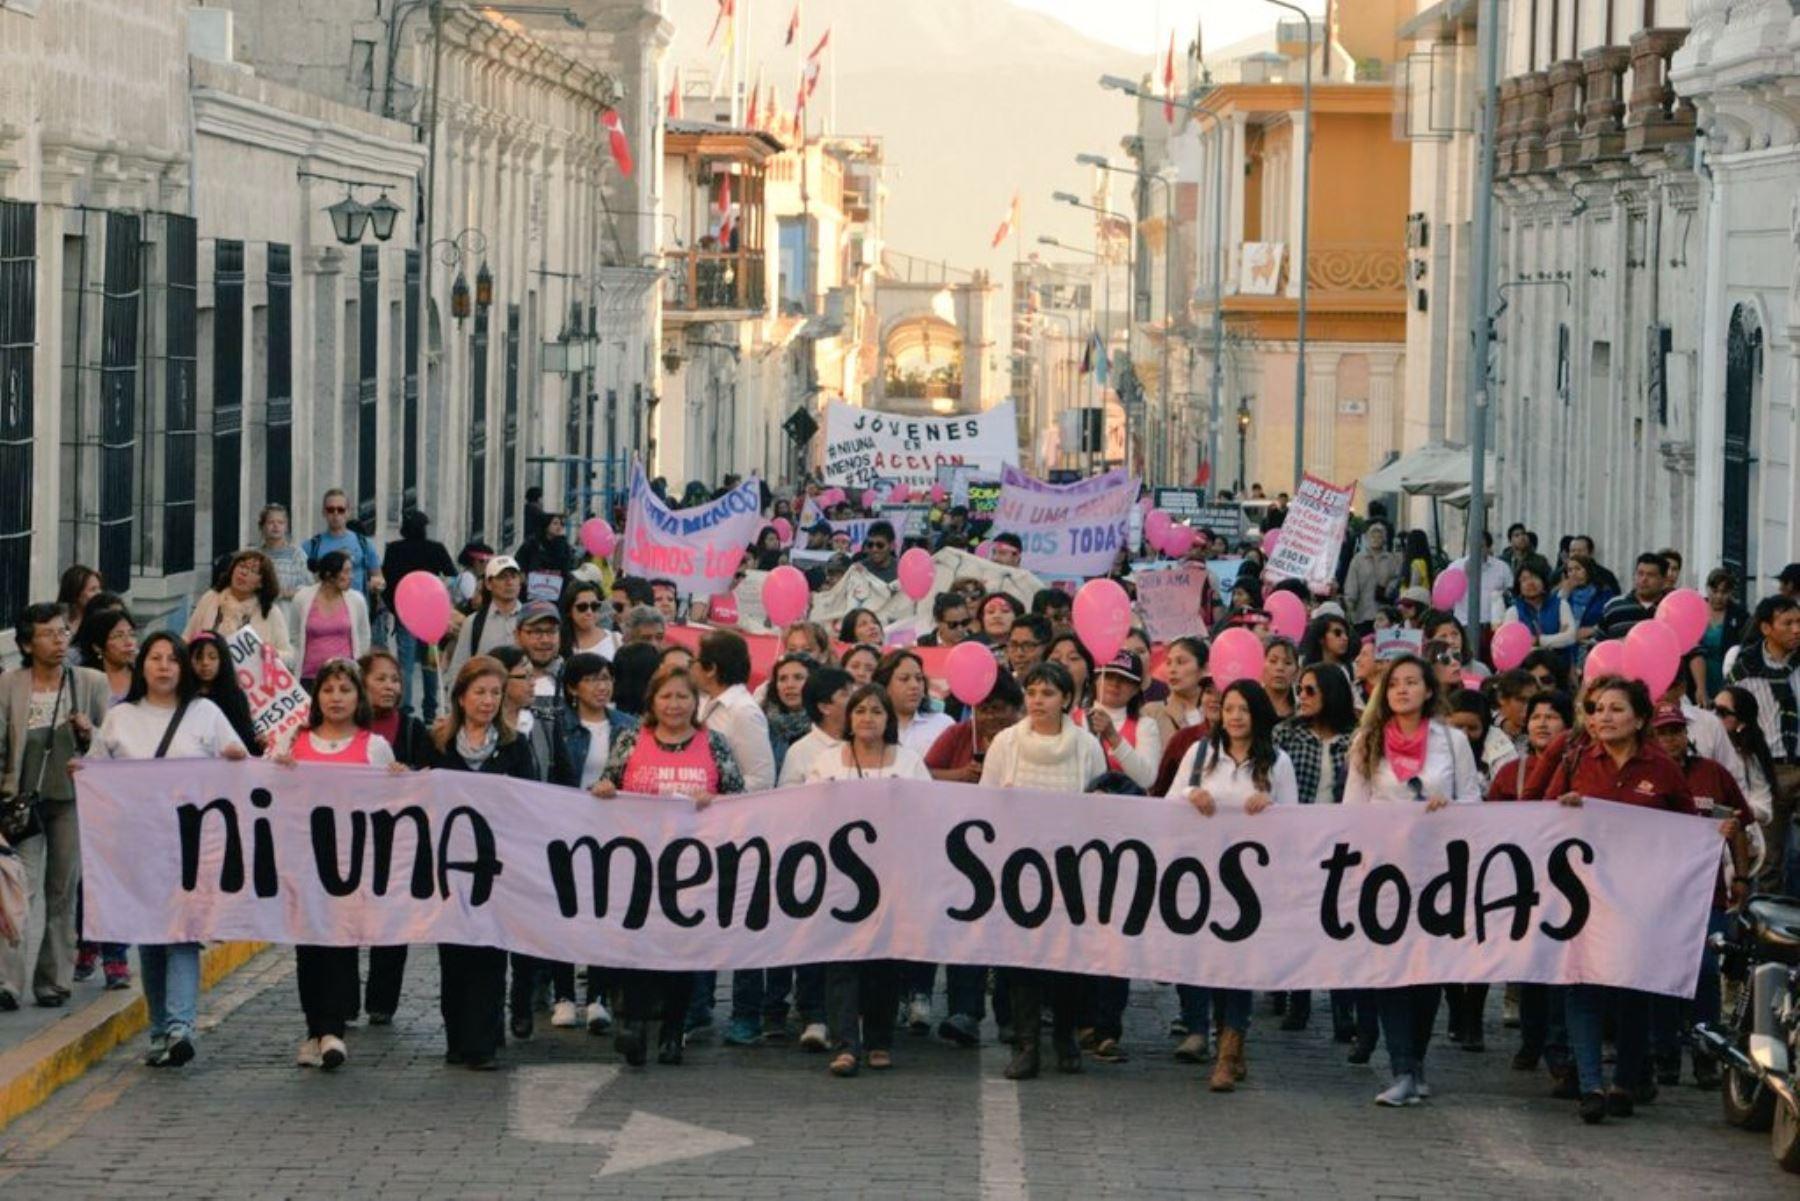 Ministra de la Mujer, Ana María Choquehuanca, participa en la marcha Ni una menos.